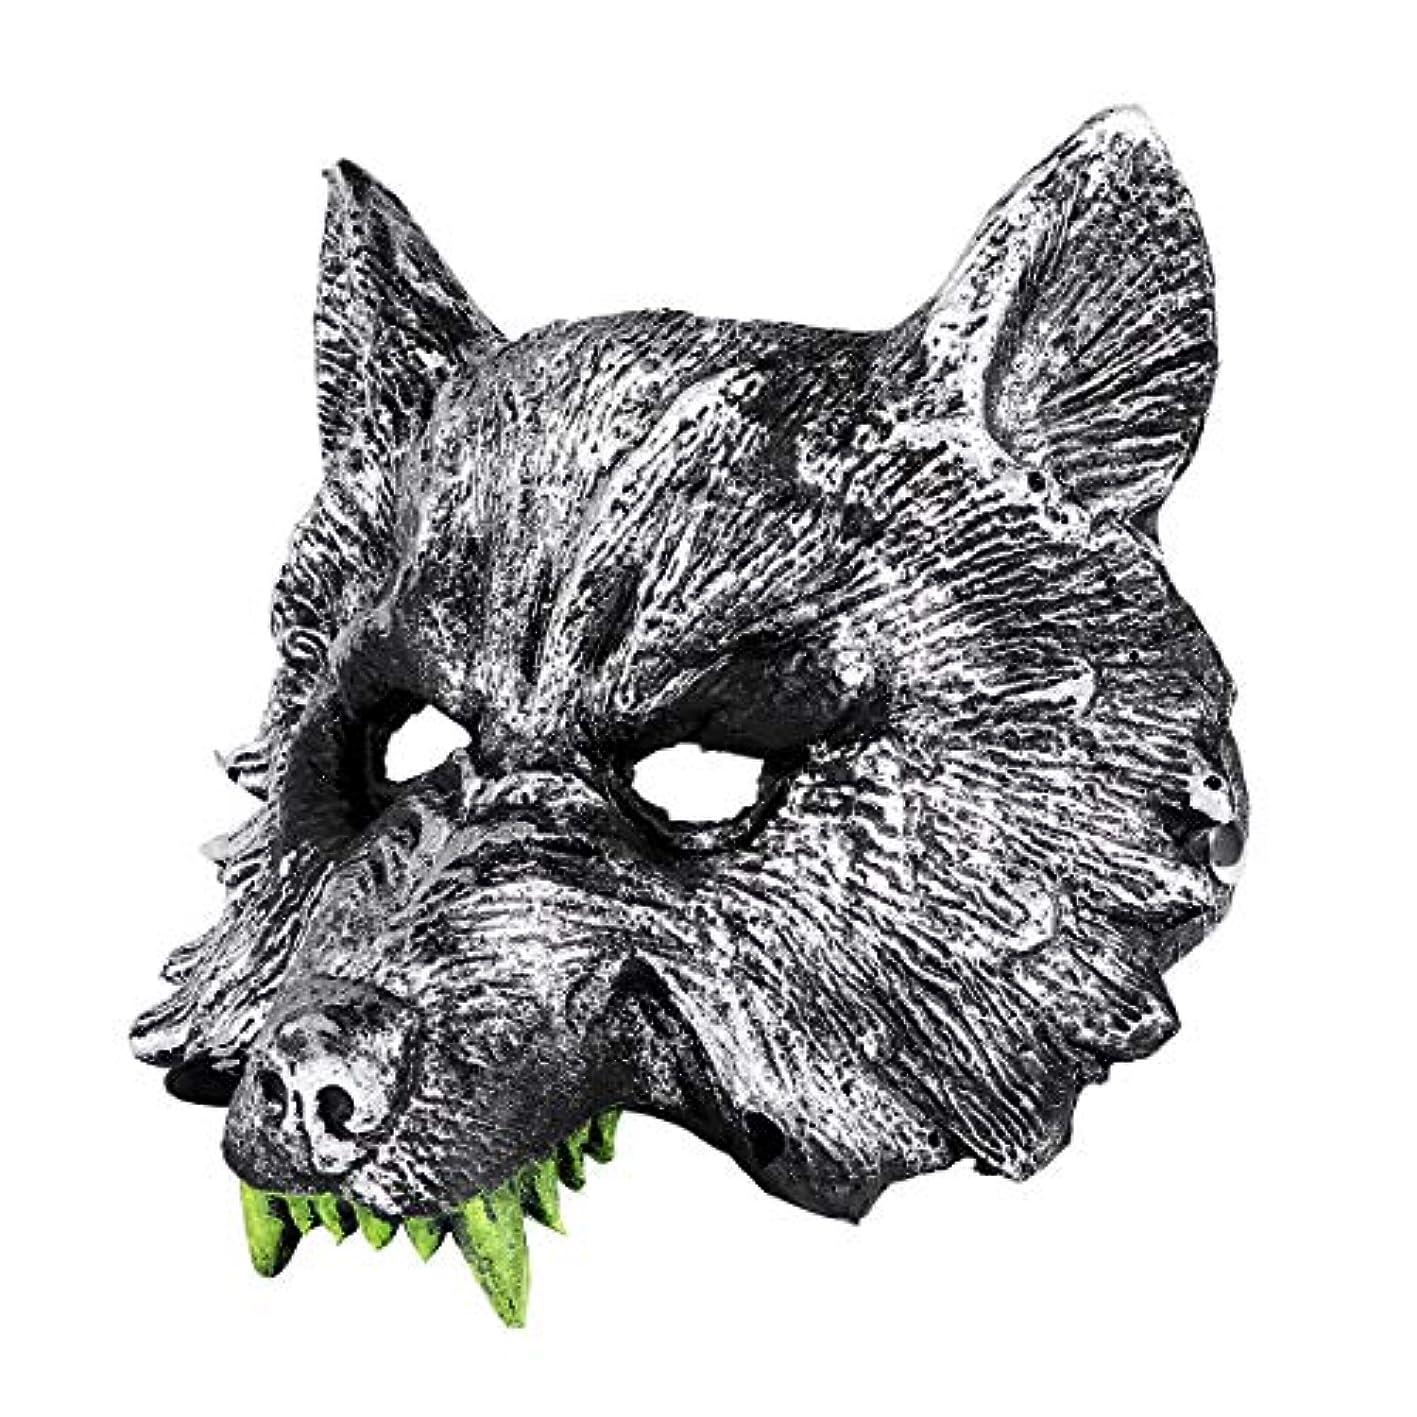 ぐったり高潔な枝コスプレハロウィーン仮装のためのNUOLUX灰色オオカミヘッドマスクファンシードレスパーティー小道具